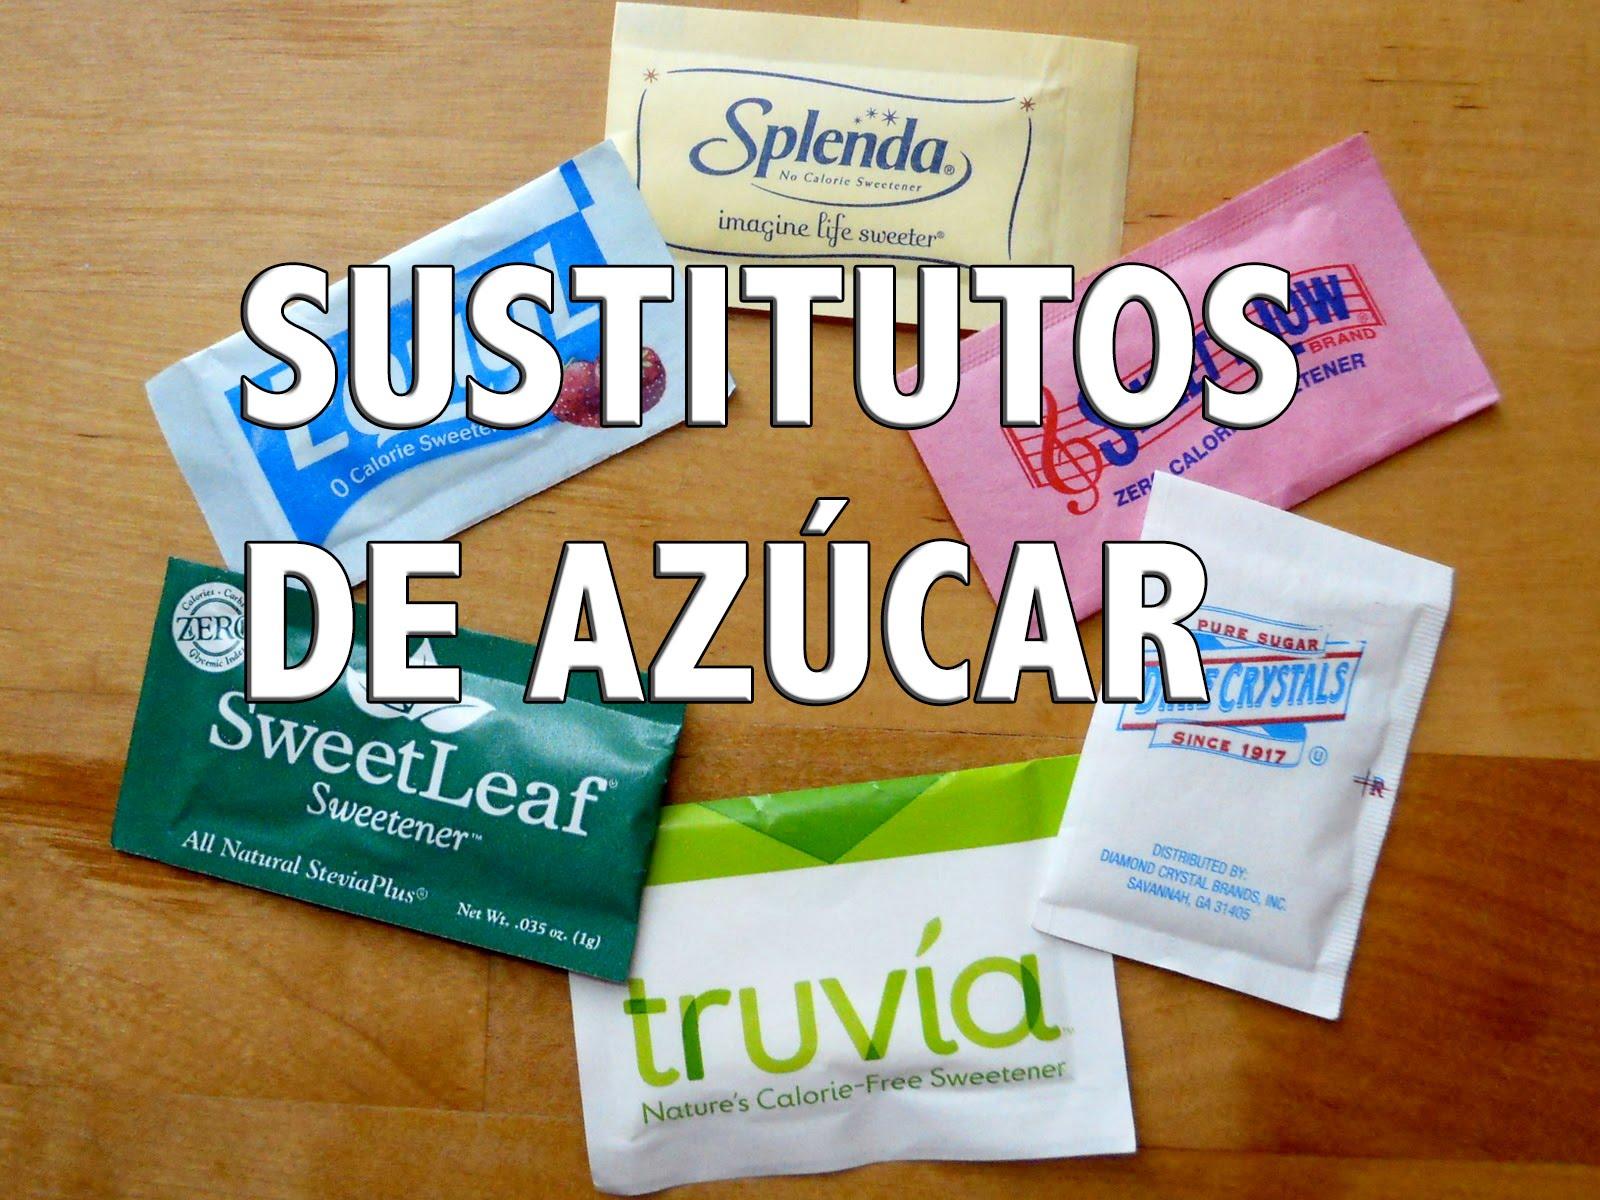 Los sustitutos de azúcar pueden ser muy dañinos para la